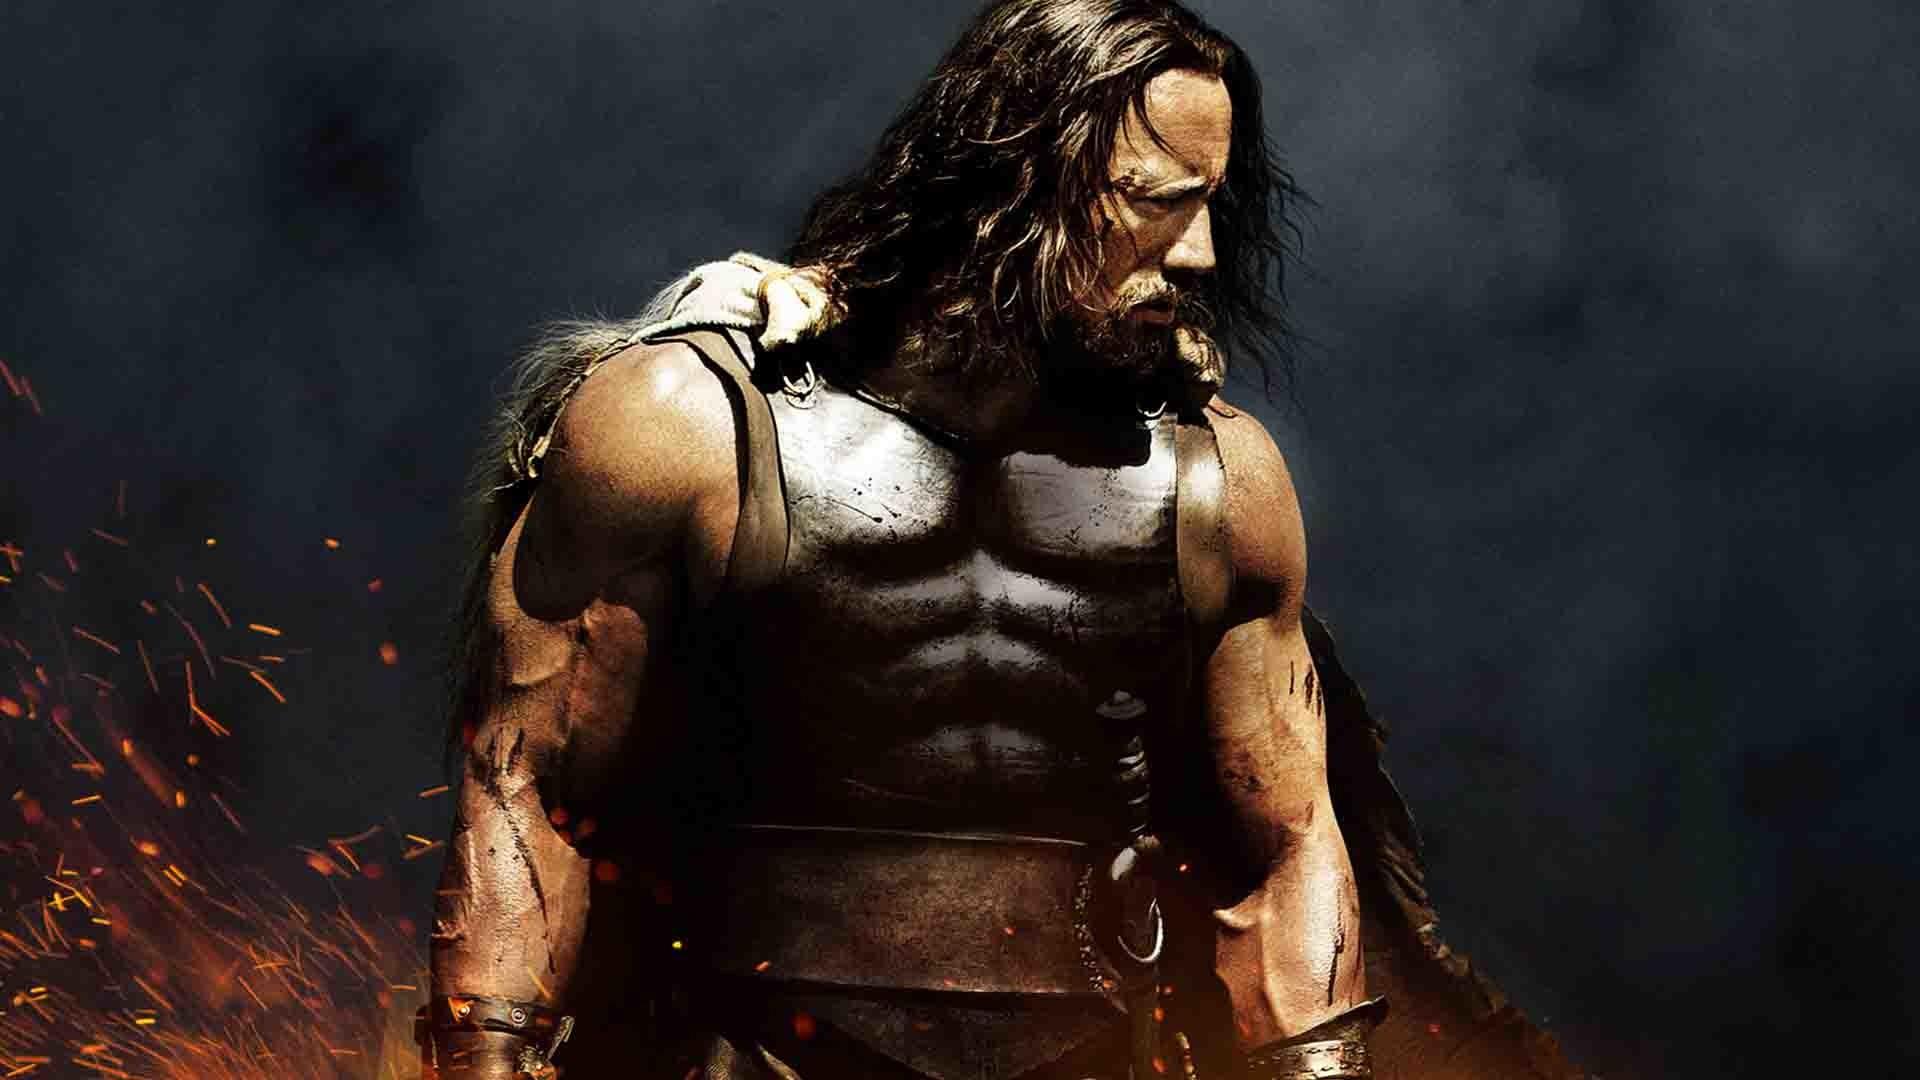 Hercules (2014) Full HD Wallpaper 1920×1080